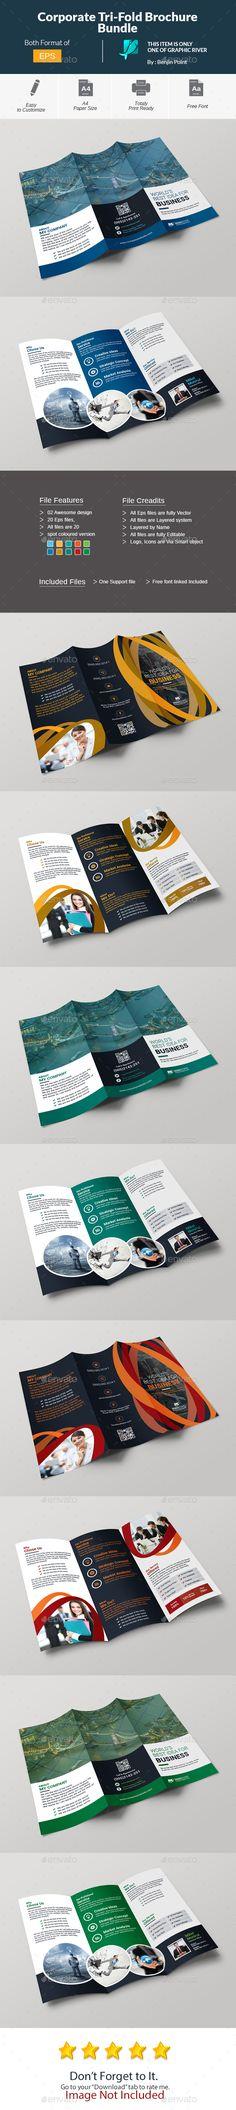 Corporate Tri-Fold Brochure Template Bundle - Vector EPS, AI Illustrator